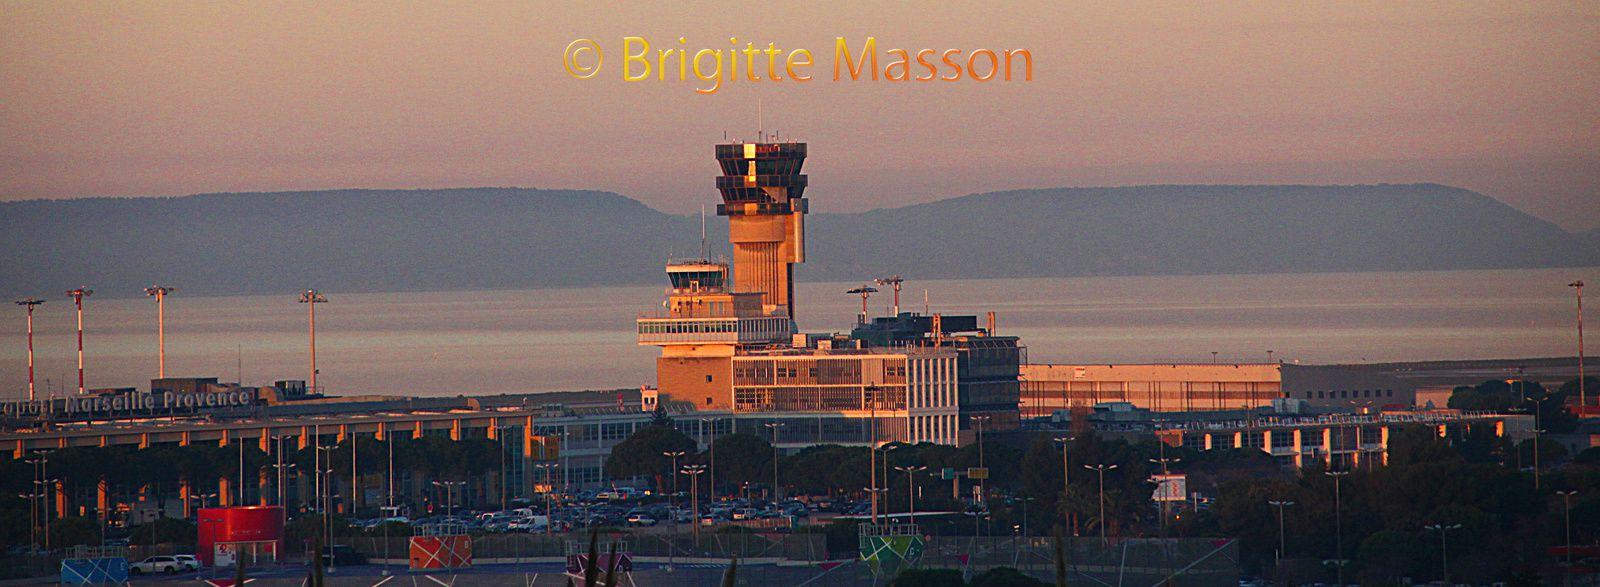 L'aéroport de Marignane